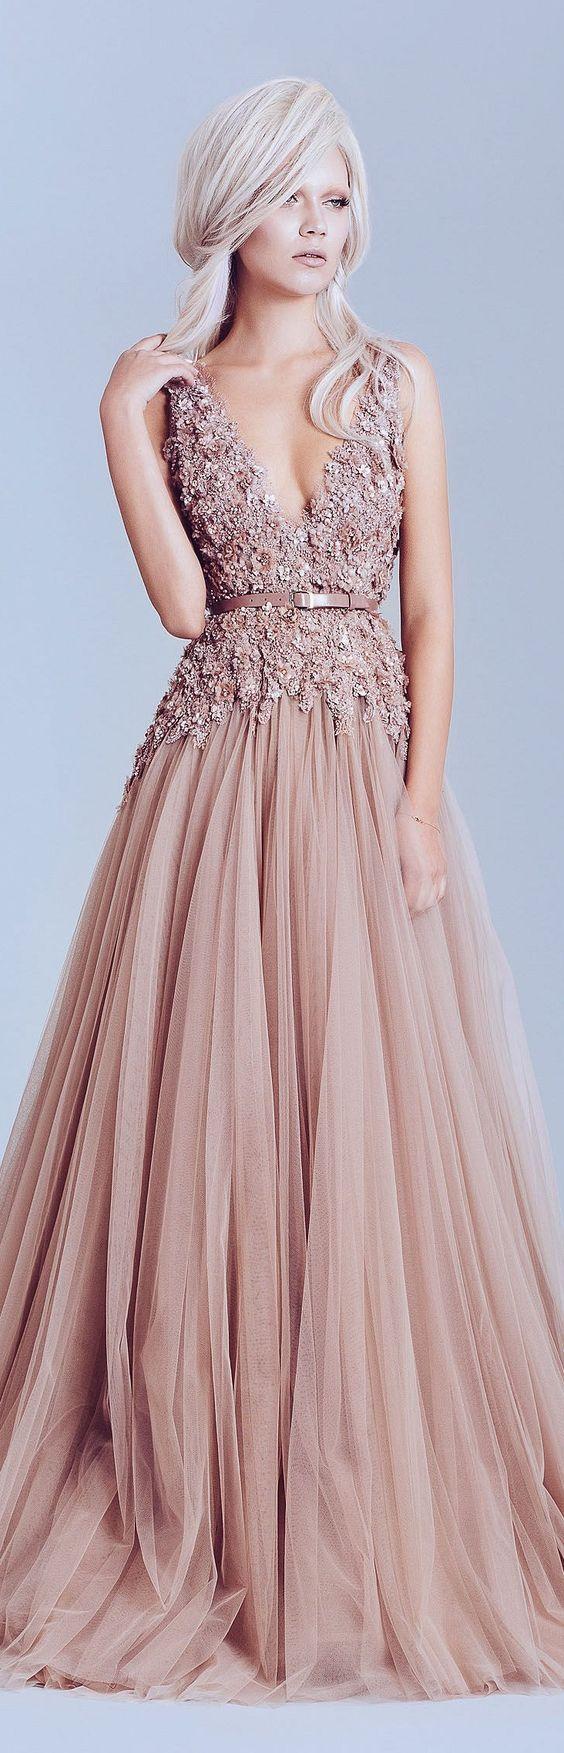 Alfazairy couture ss ongelooflik mooi nee nee nee soek